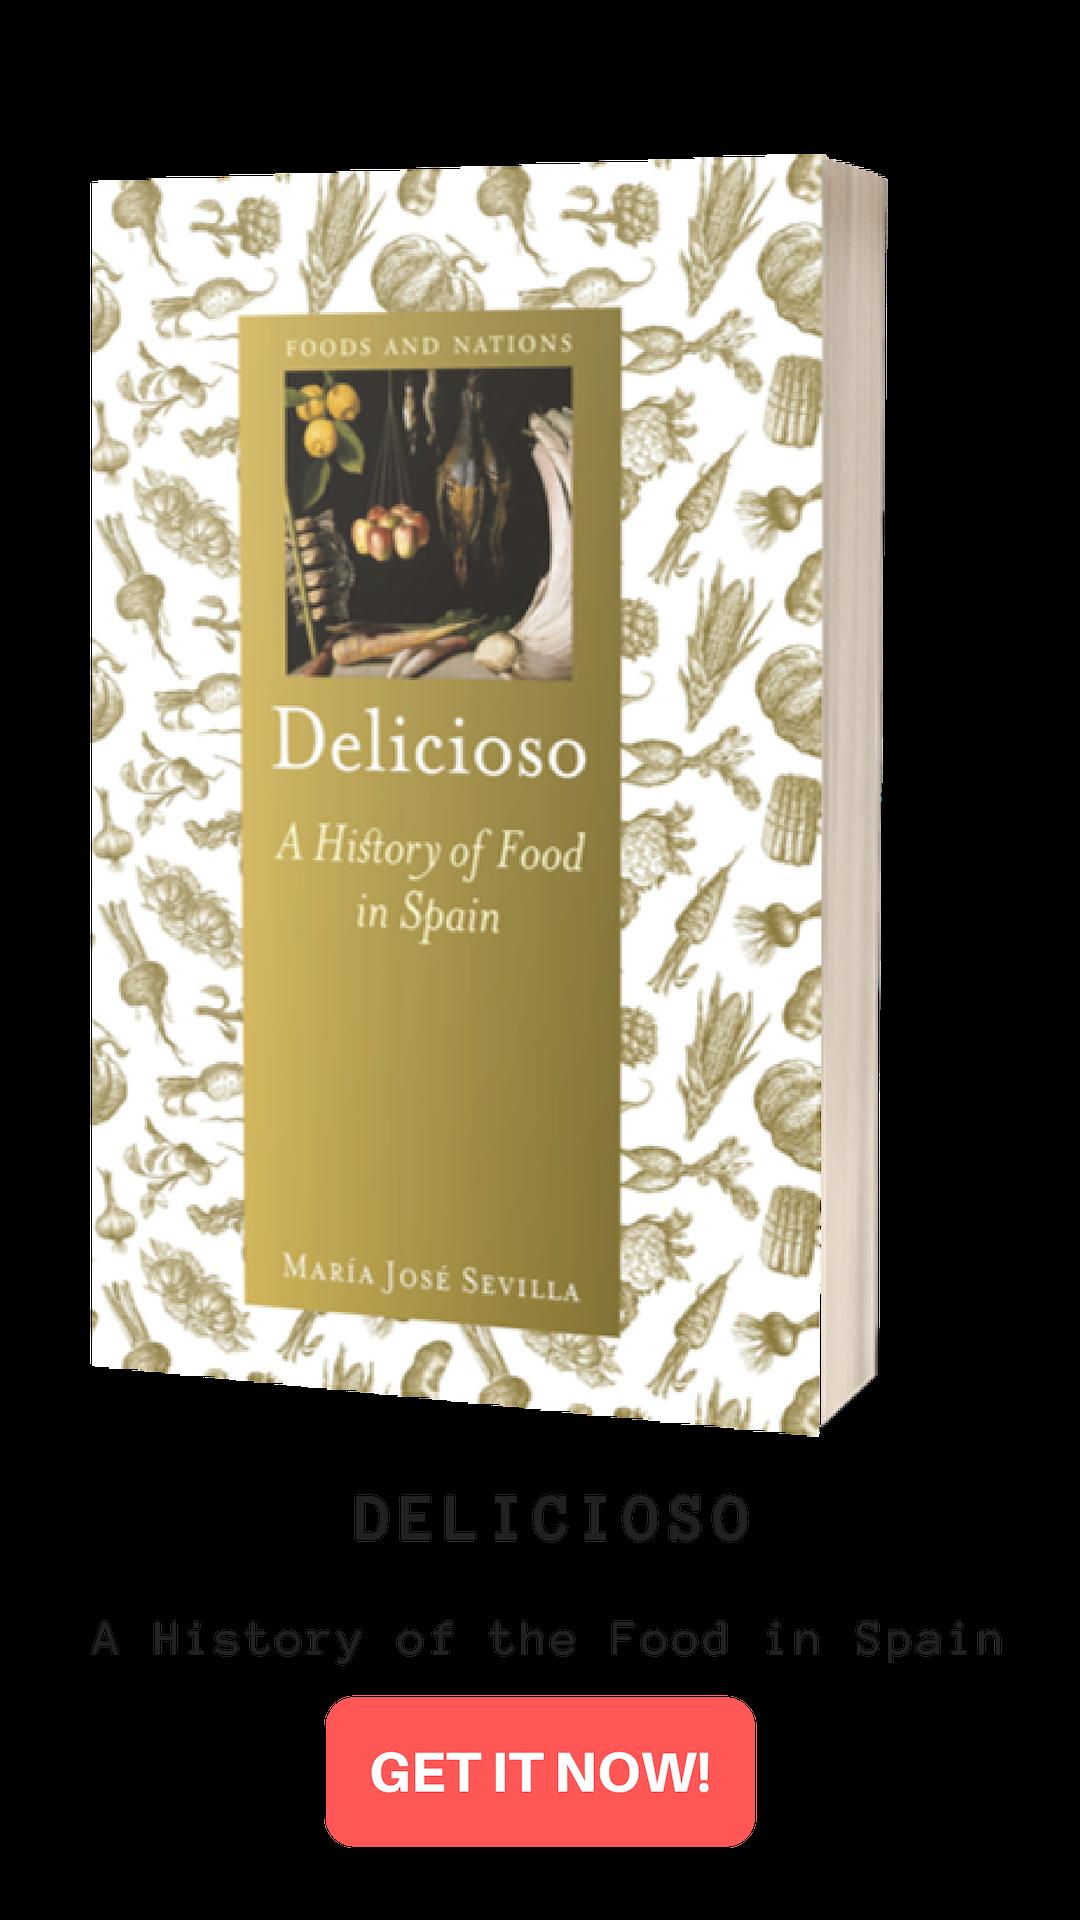 DELICIOSO (1)